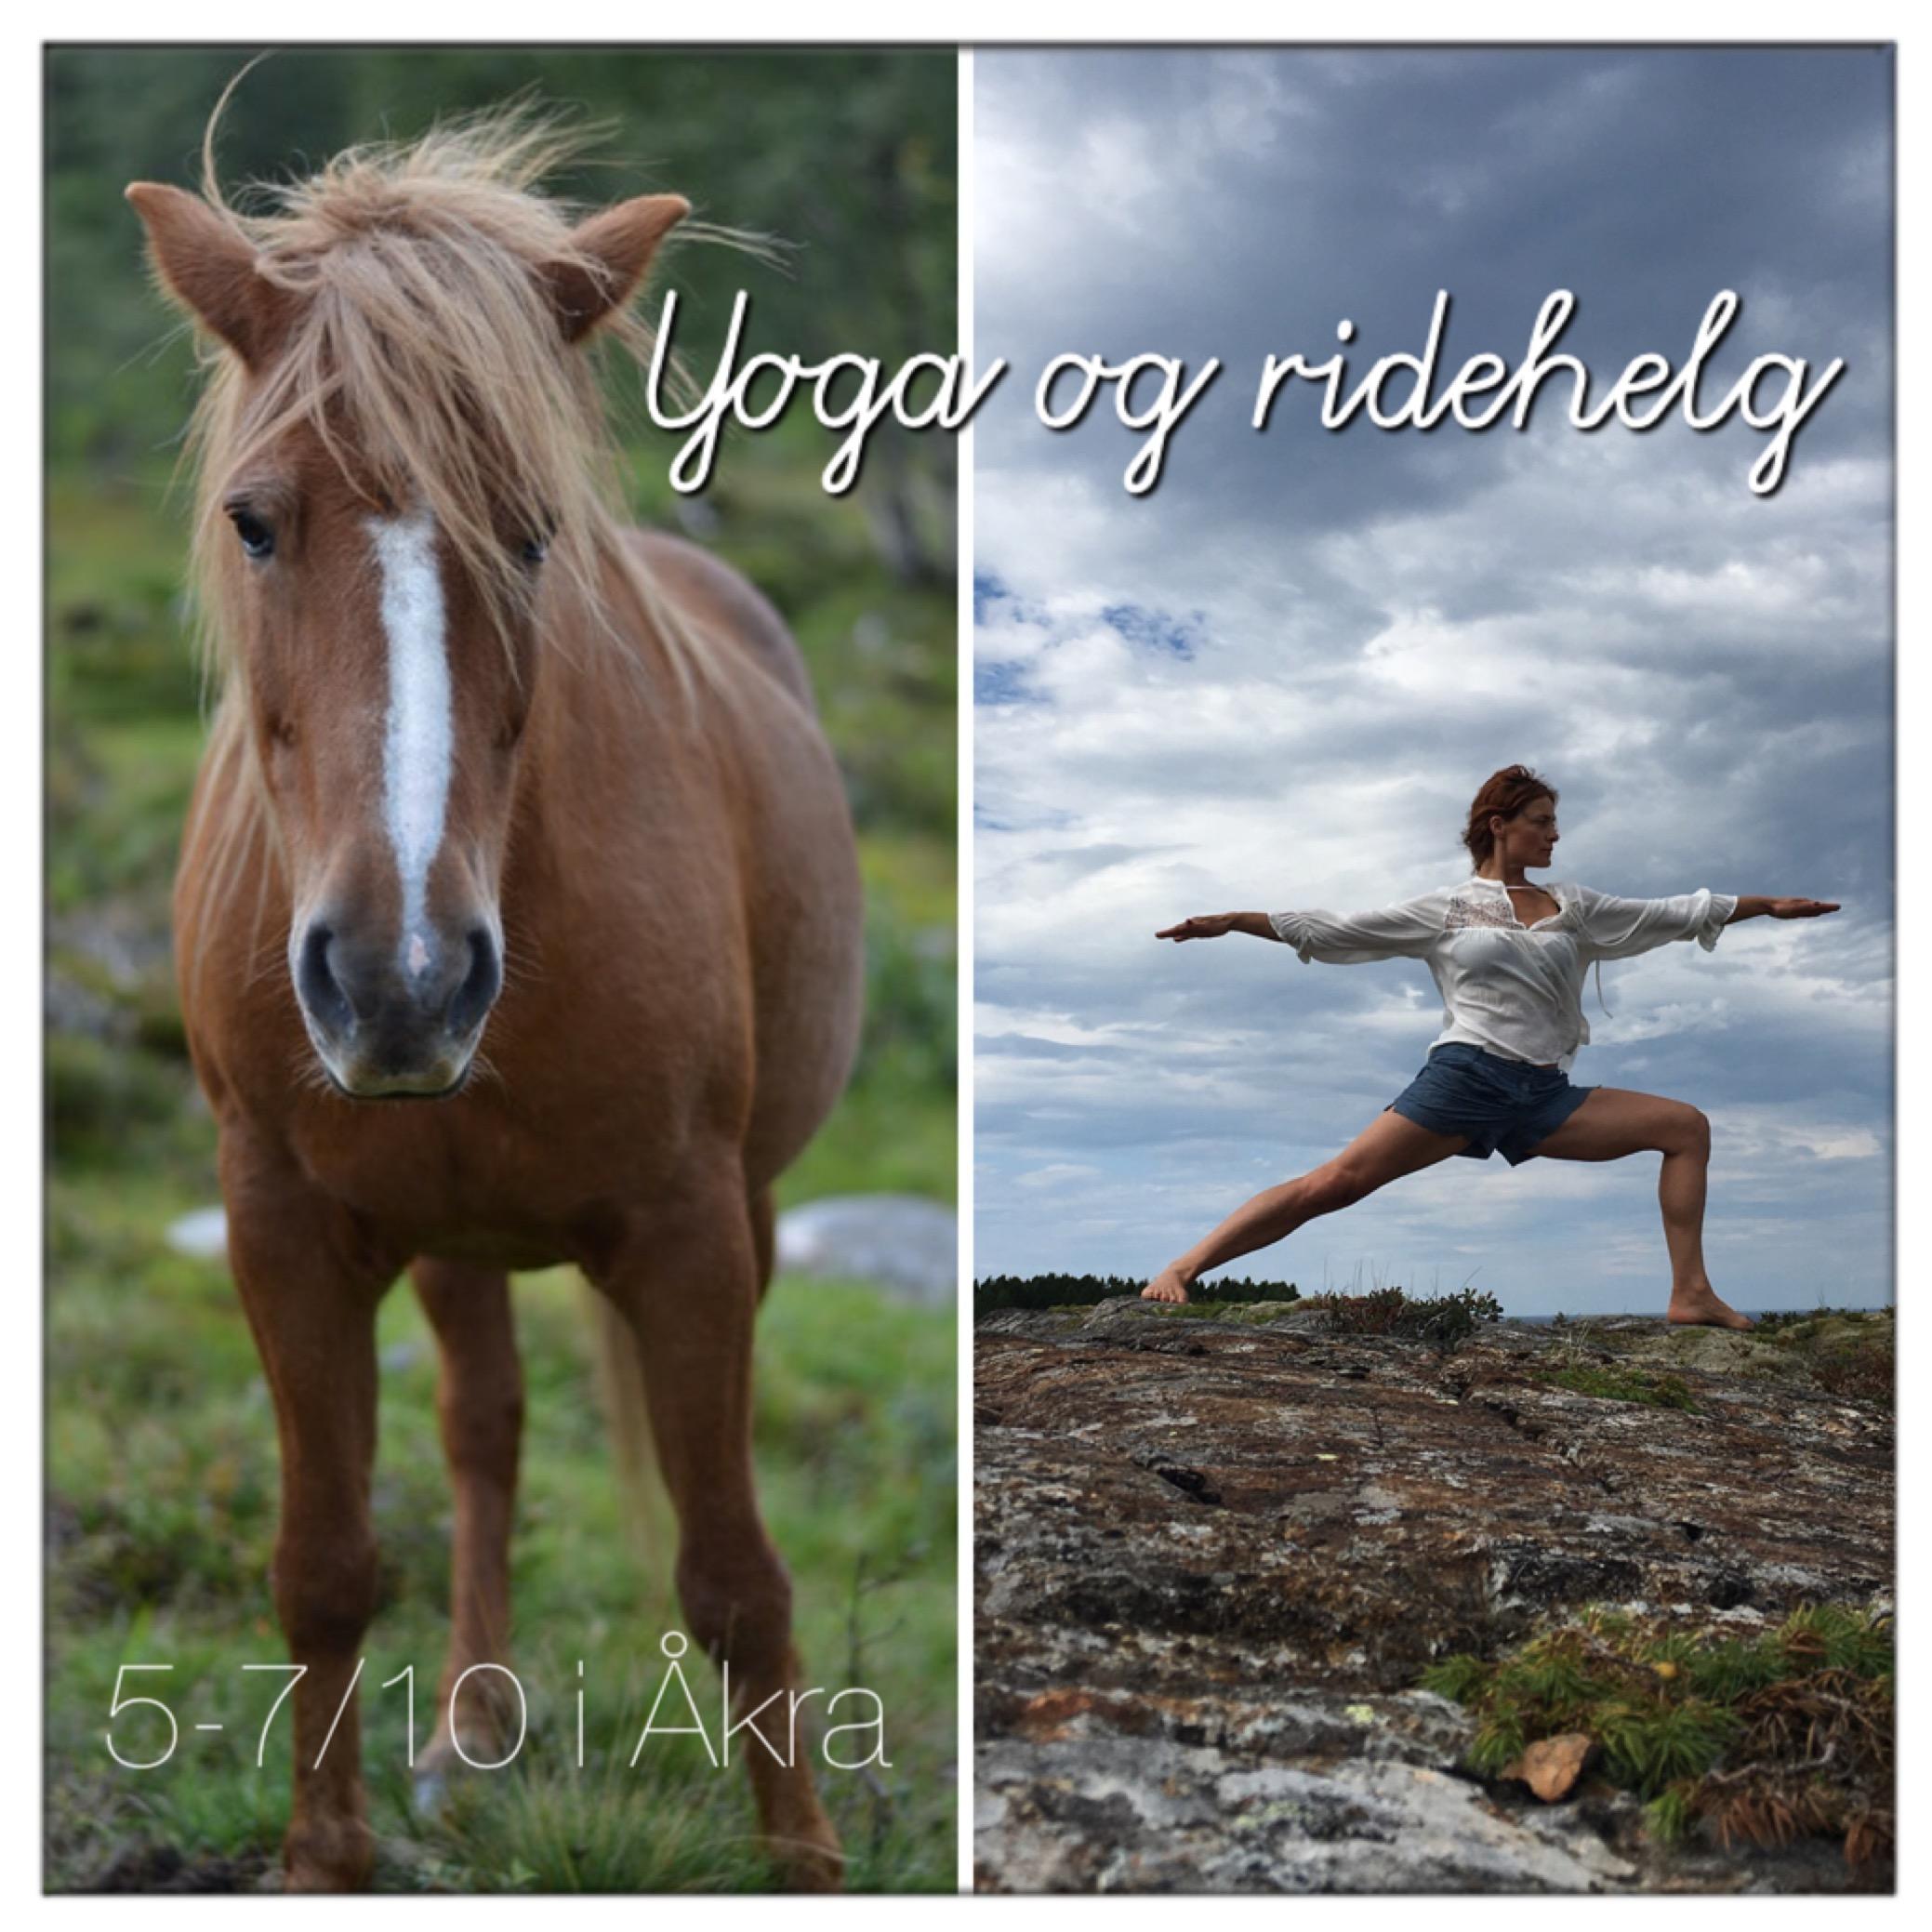 Yoga og ridehelg i Åkra 5-7/10